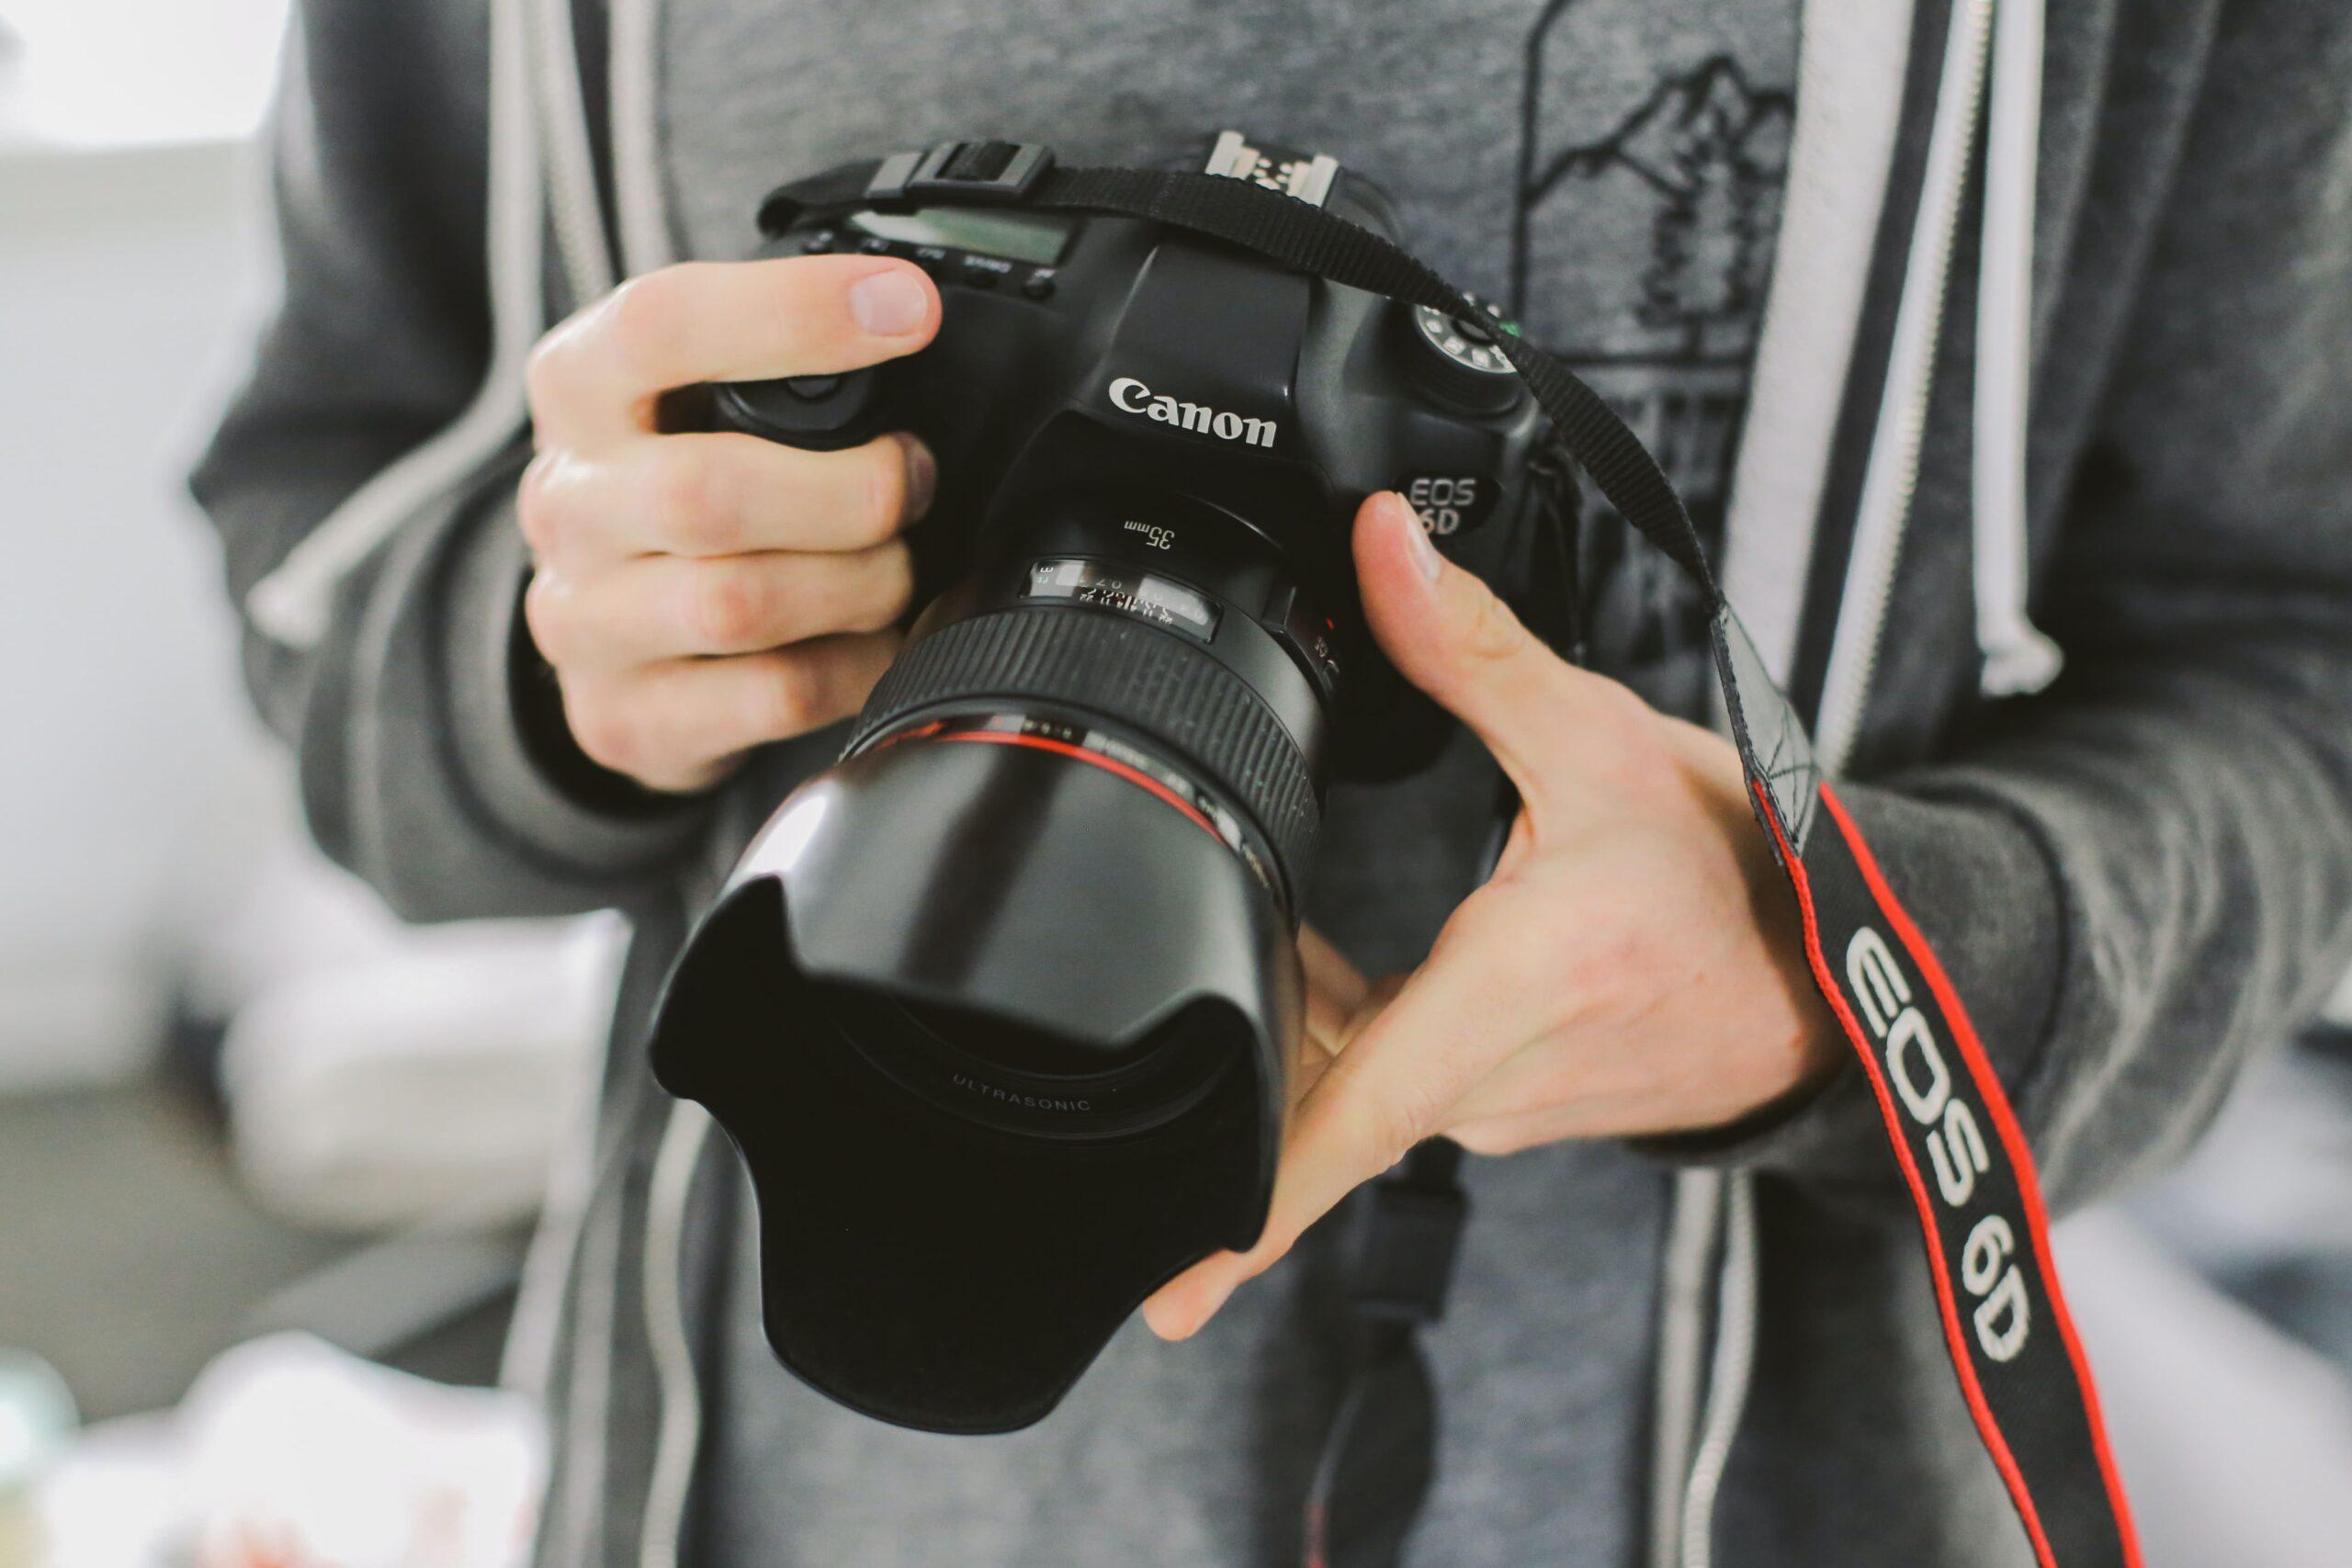 fotógrafo sosteniendo cámara profesional canon con las manos